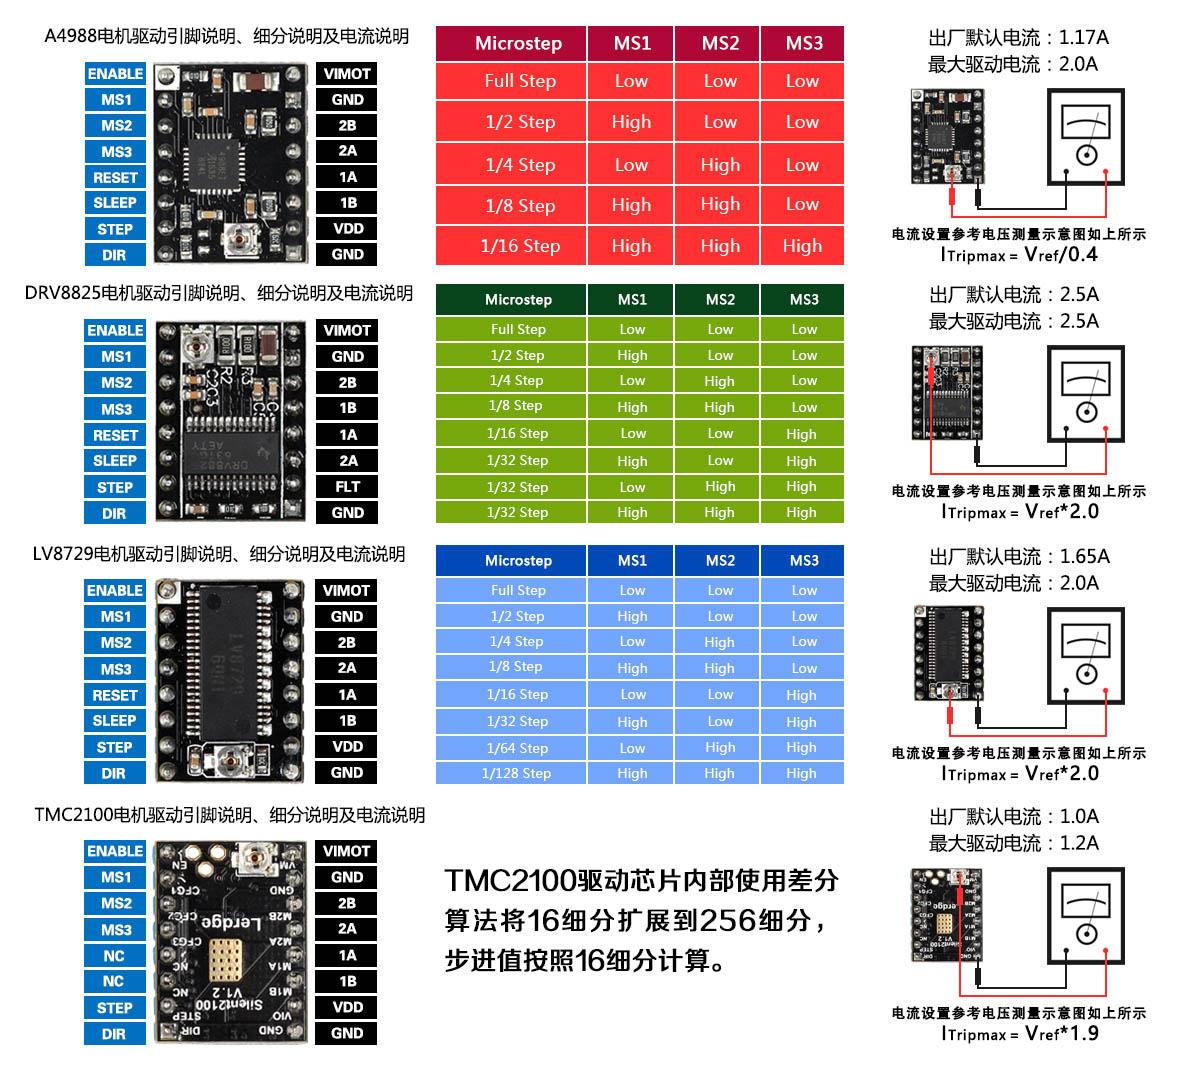 新升级8825驱动,也可配套乐积主板使用,插针一面蓝色,一面黑色,对应主板颜色插针,预防插反,提高用户体验。每个驱动送1个新设计大散热片  参数:  尺寸:1.5mmX2mm(和4988相同)  可驱动电流:2.5A  制造工艺:SMT贴片机制造,非手工焊接,良品率高,性能稳定 适合对象:  乐积科技32位触摸屏主板。  是构建3d打印机,cnc,雕刻机等必备模块。  支持的3d打印机有Prusa Mendel,ultimaker,printbot,maker